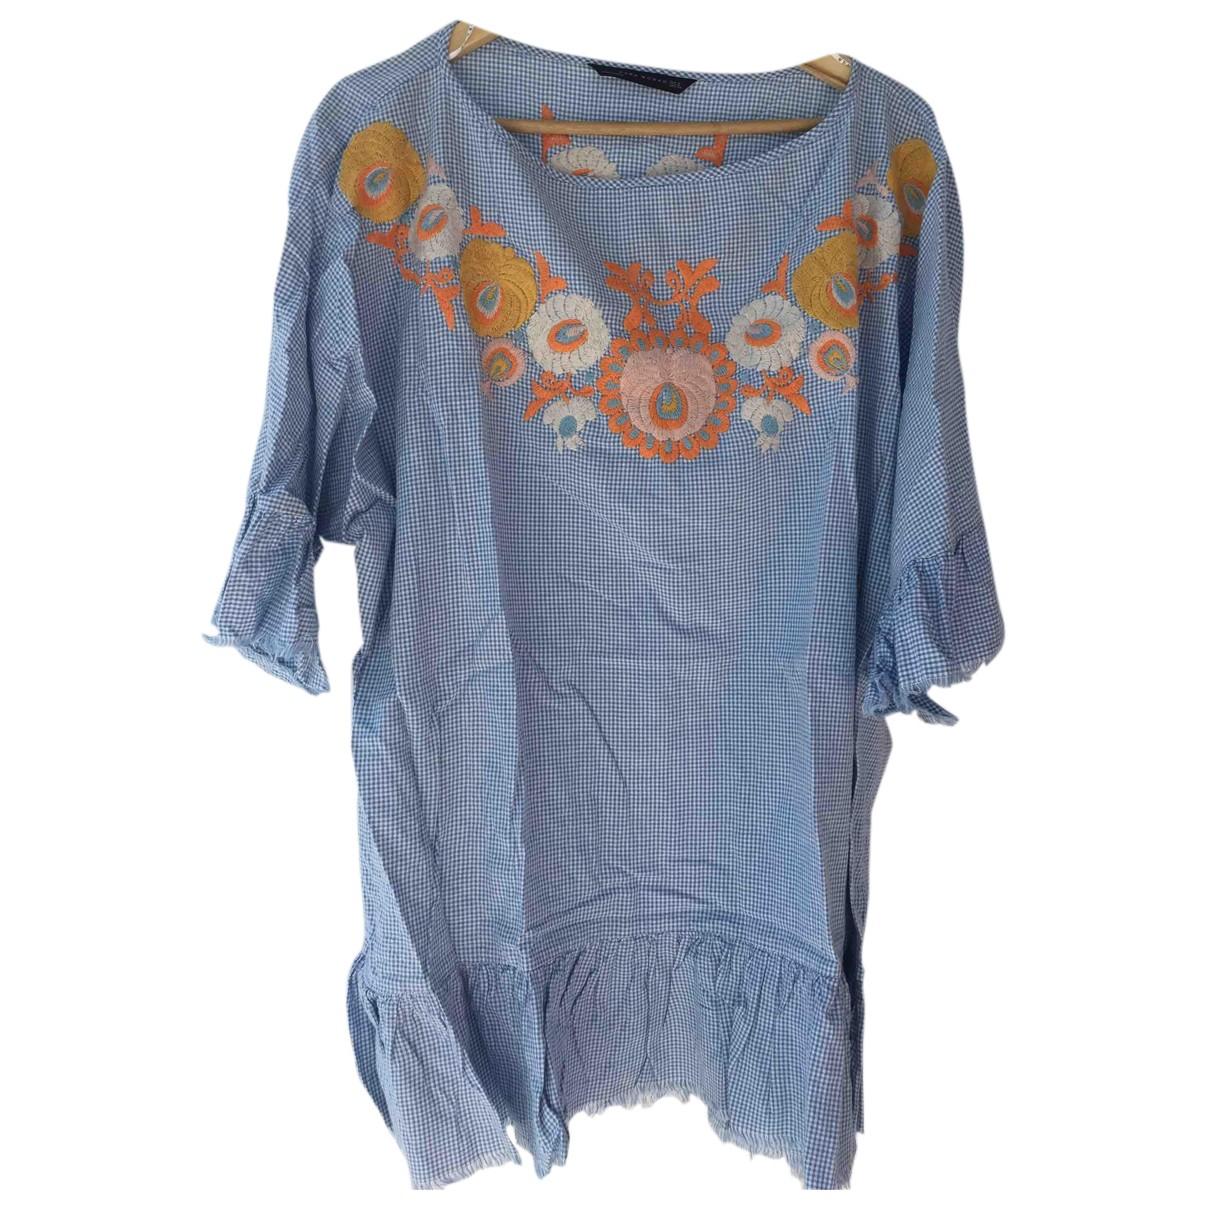 Zara \N Kleid in  Blau Baumwolle